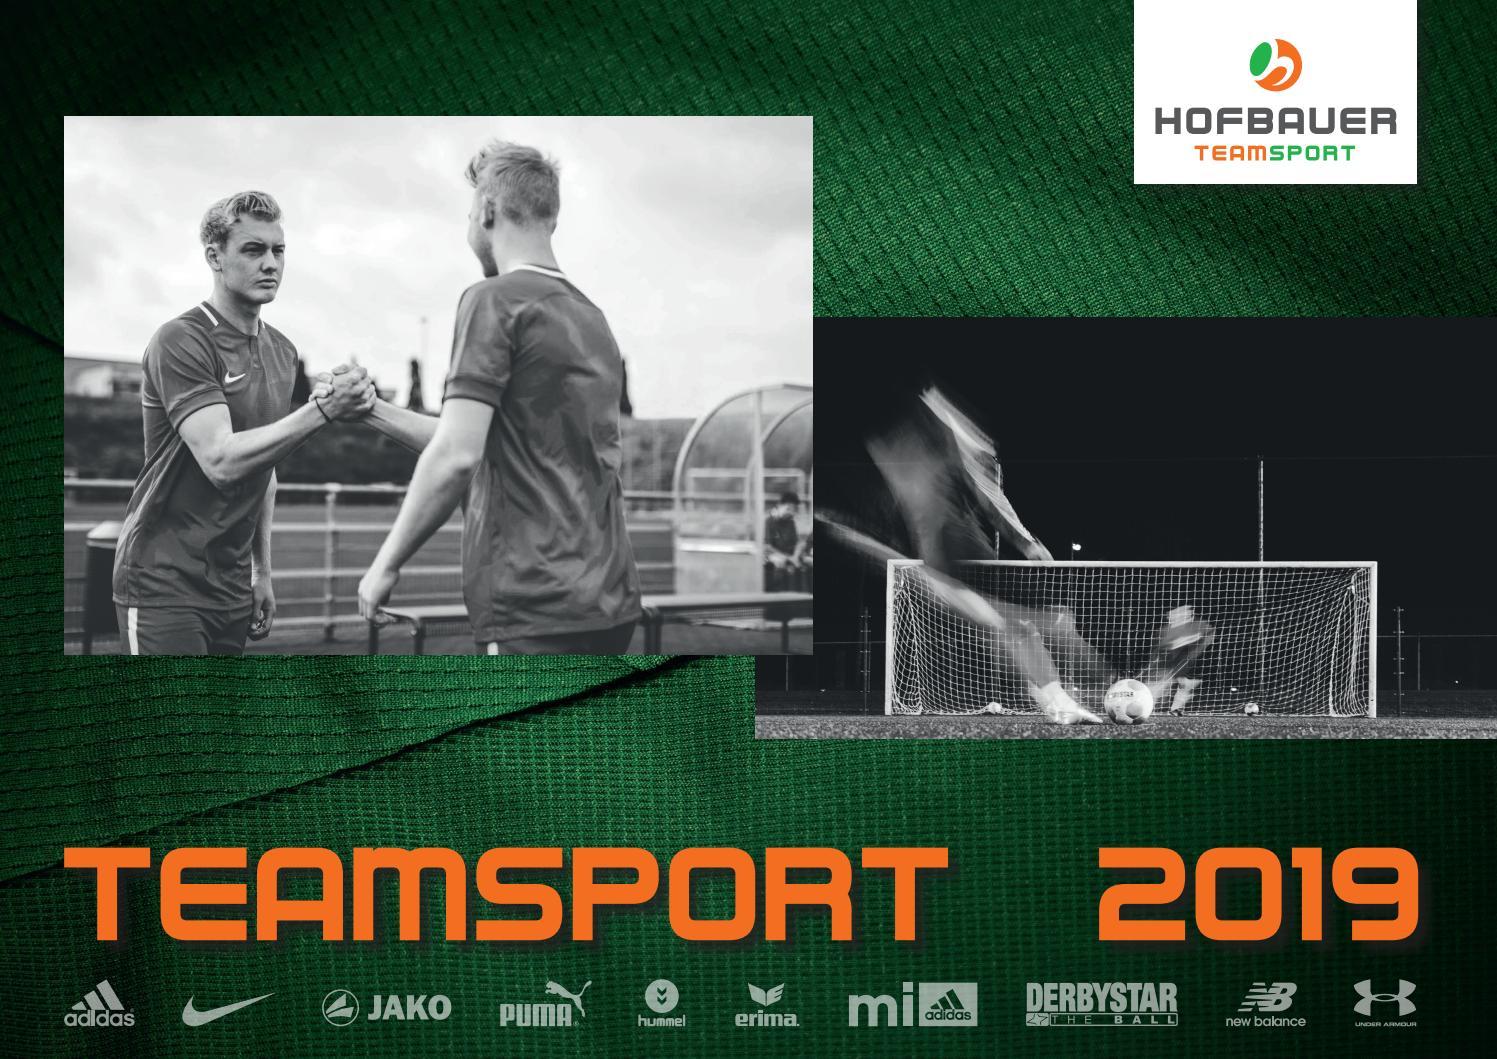 Hofbauer Teamsport Katalog 2019 by Hofbauer Teamsport